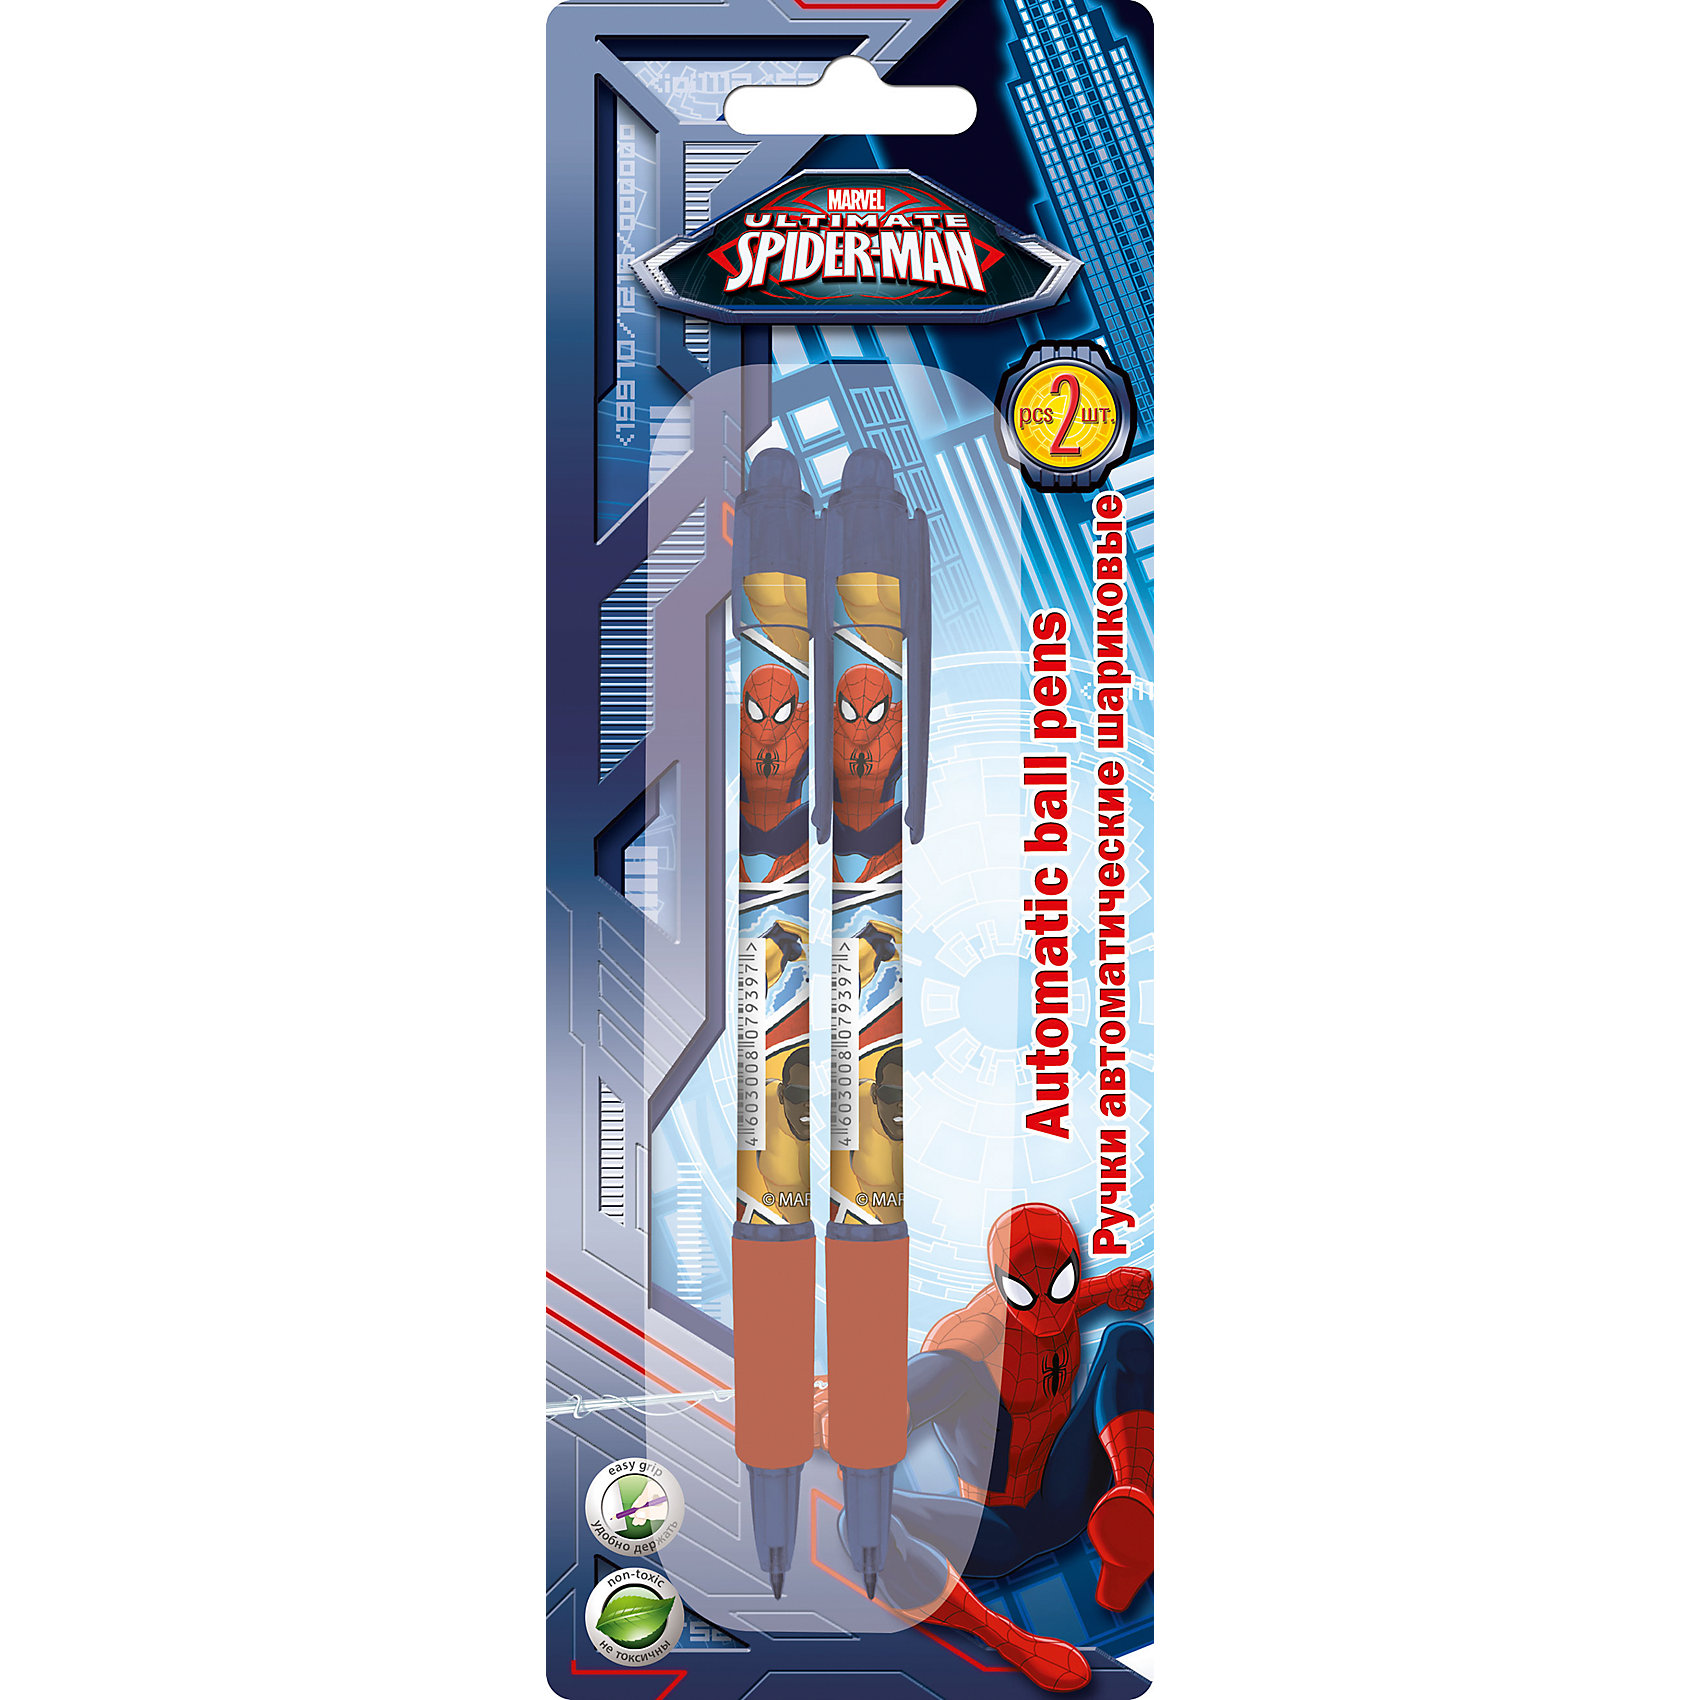 Автоматическая ручка, 2 шт, Человек-ПаукНабор автоматических ручек, Человек-Паук, замечательно подойдет для школьных и творческих занятий. В комплекте 2 шариковые ручки синего цвета, пластиковый корпус выполнен в яркой расцветке и украшен изображением популярного супергероя Spider-Man. Блистерная<br>упаковка с европодвесом.<br><br><br>Дополнительная информация:<br><br>- В комплекте: 2 шт.<br>- Цвет пасты: синий. <br>- Размер упаковки: 20 х 1,5 х 7 см.<br>- Вес: 25 гр.<br><br>Автоматическую ручку, 2 шт., Человек-Паук, можно купить в нашем интернет-магазине.<br><br>Ширина мм: 200<br>Глубина мм: 70<br>Высота мм: 15<br>Вес г: 25<br>Возраст от месяцев: 60<br>Возраст до месяцев: 84<br>Пол: Мужской<br>Возраст: Детский<br>SKU: 4681139